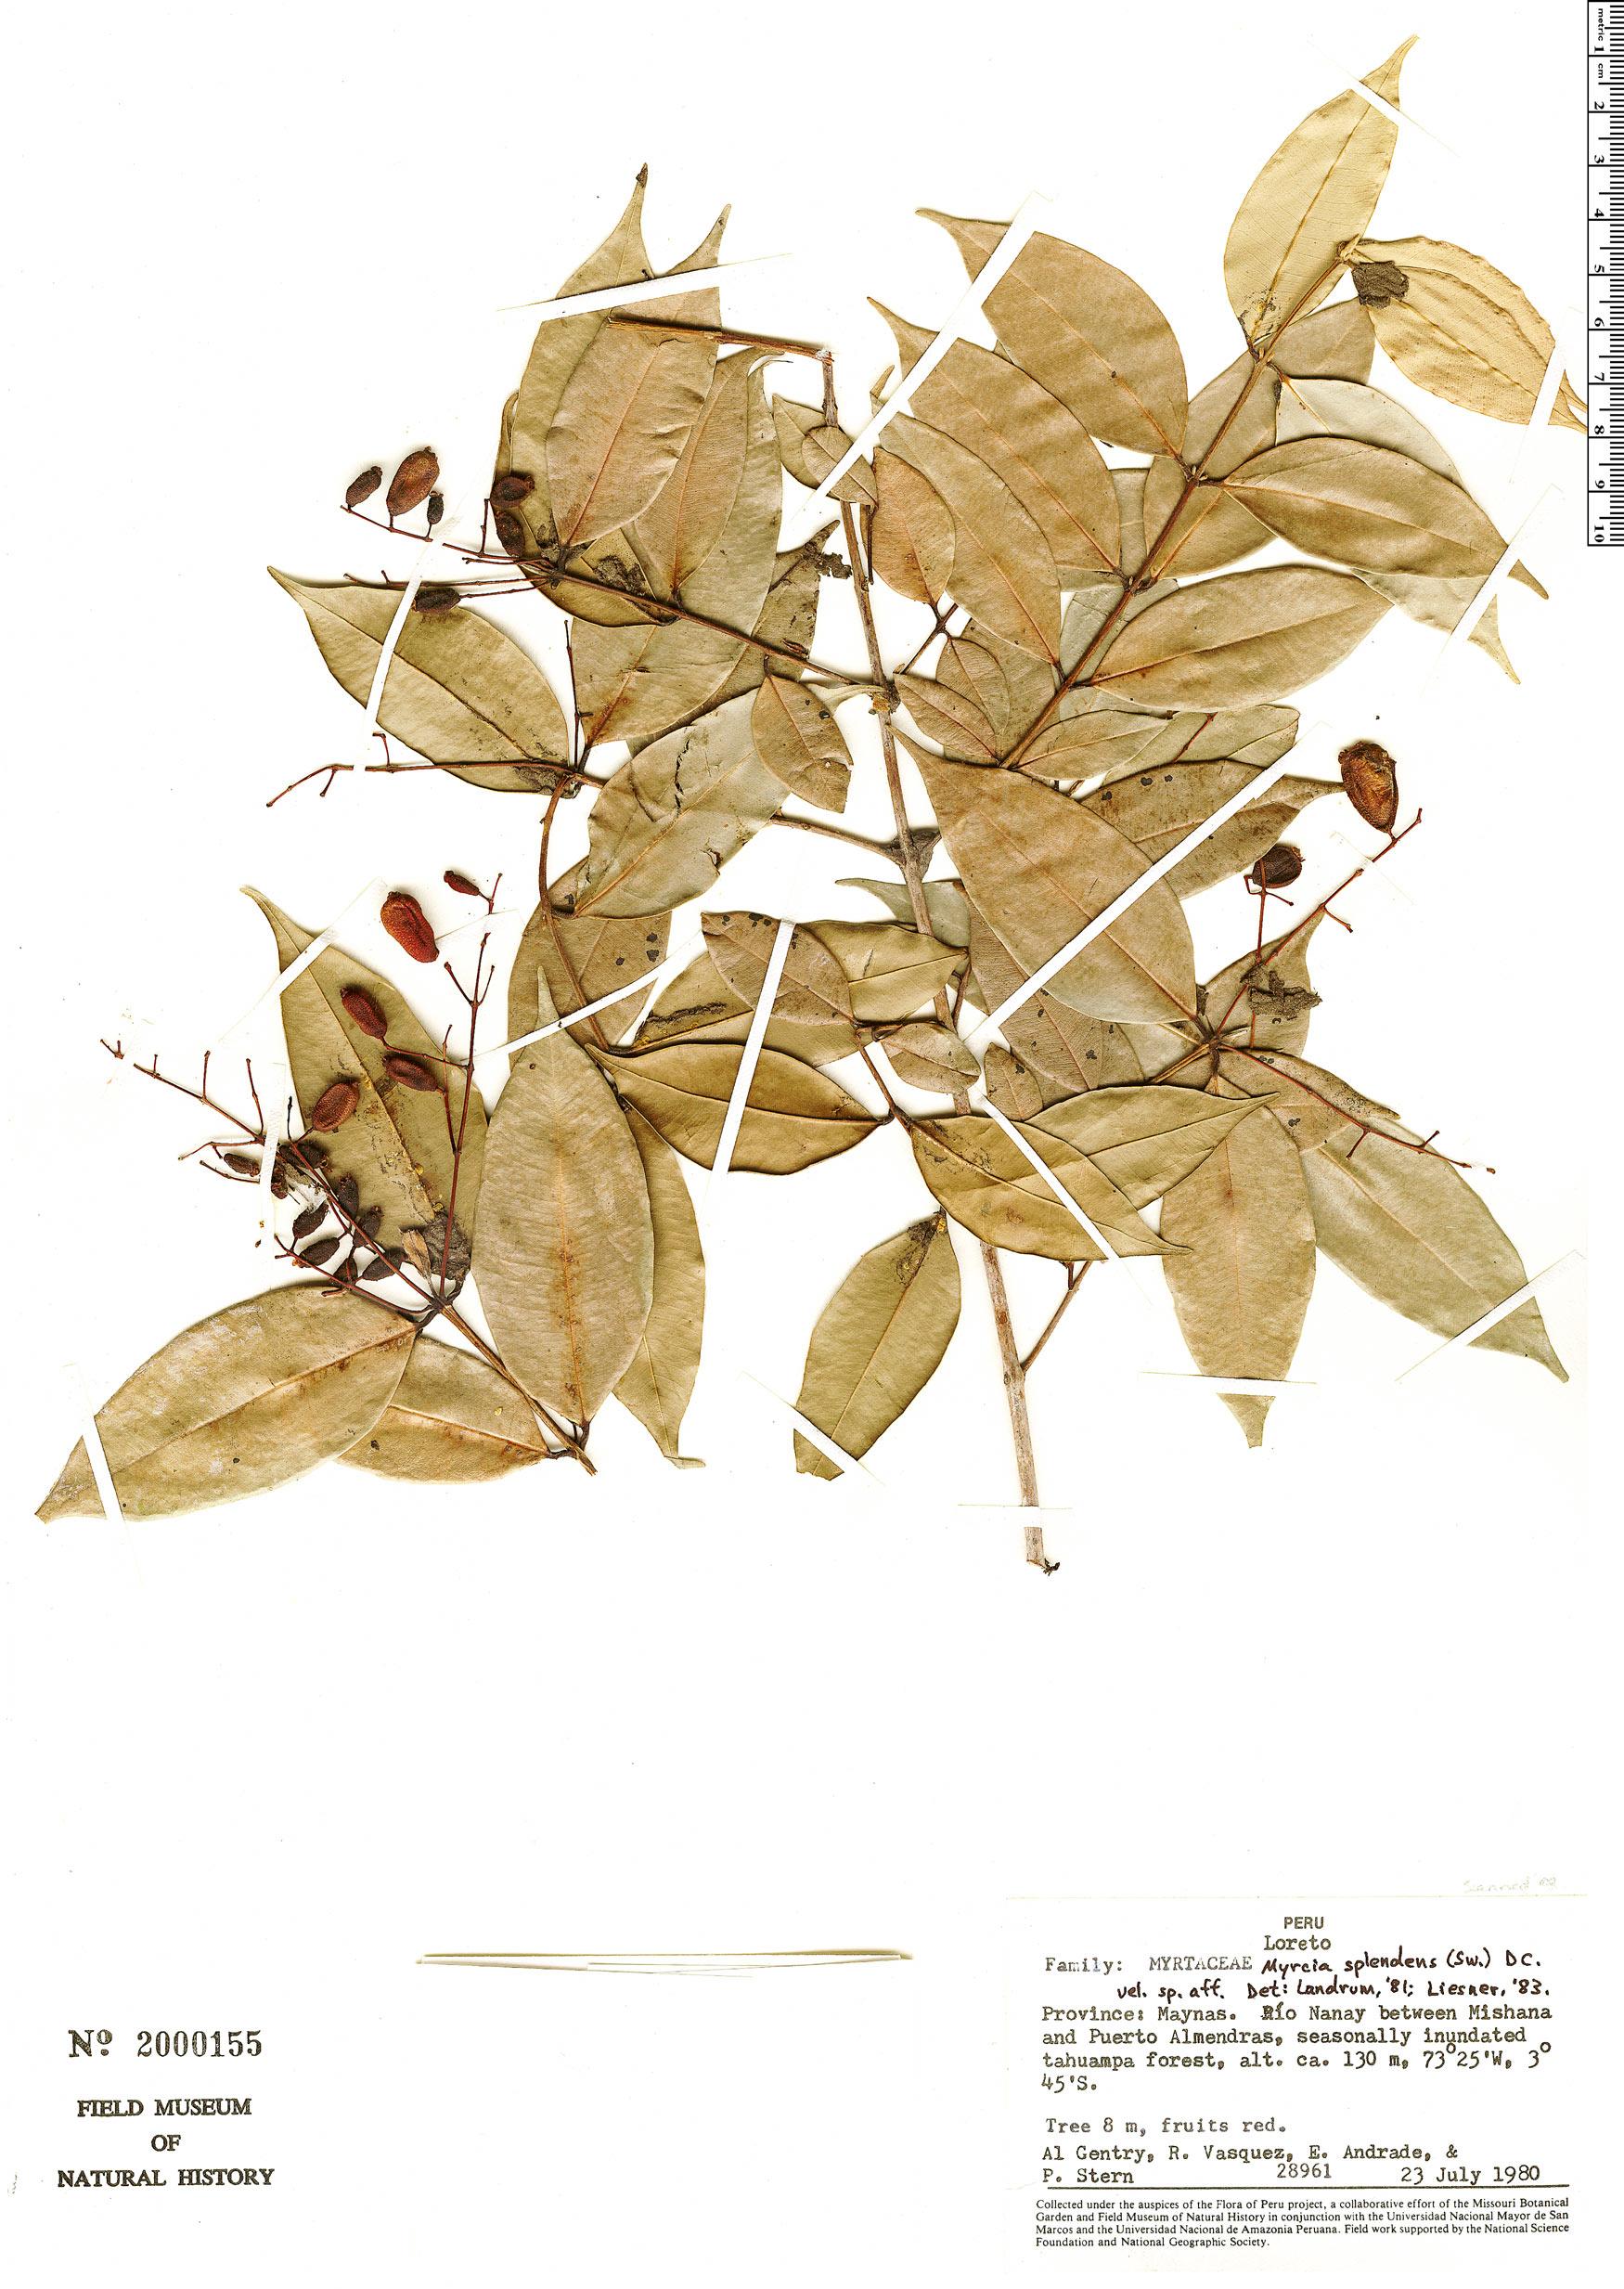 Specimen: Myrcia splendens